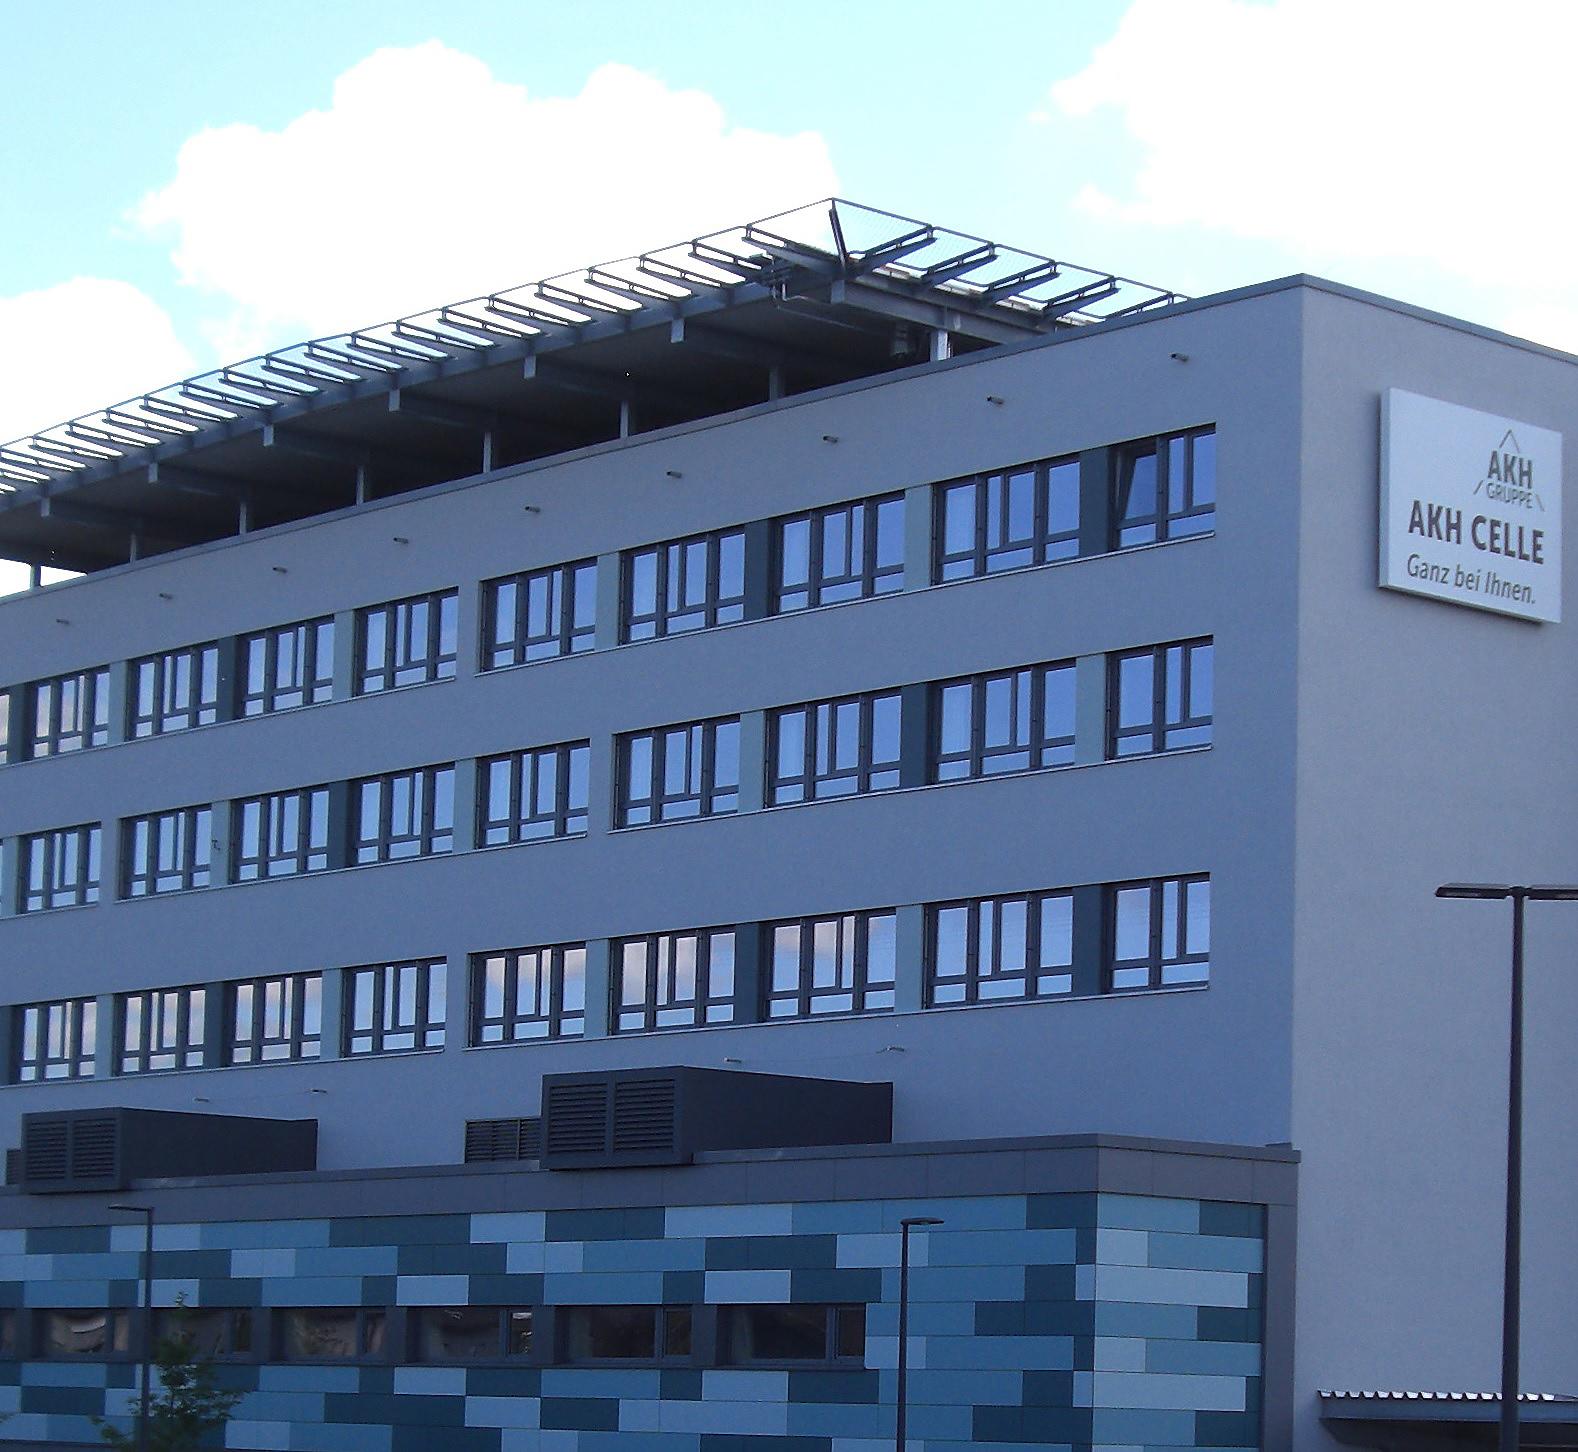 4-4-Krankenhäuser-und-Kliniken__